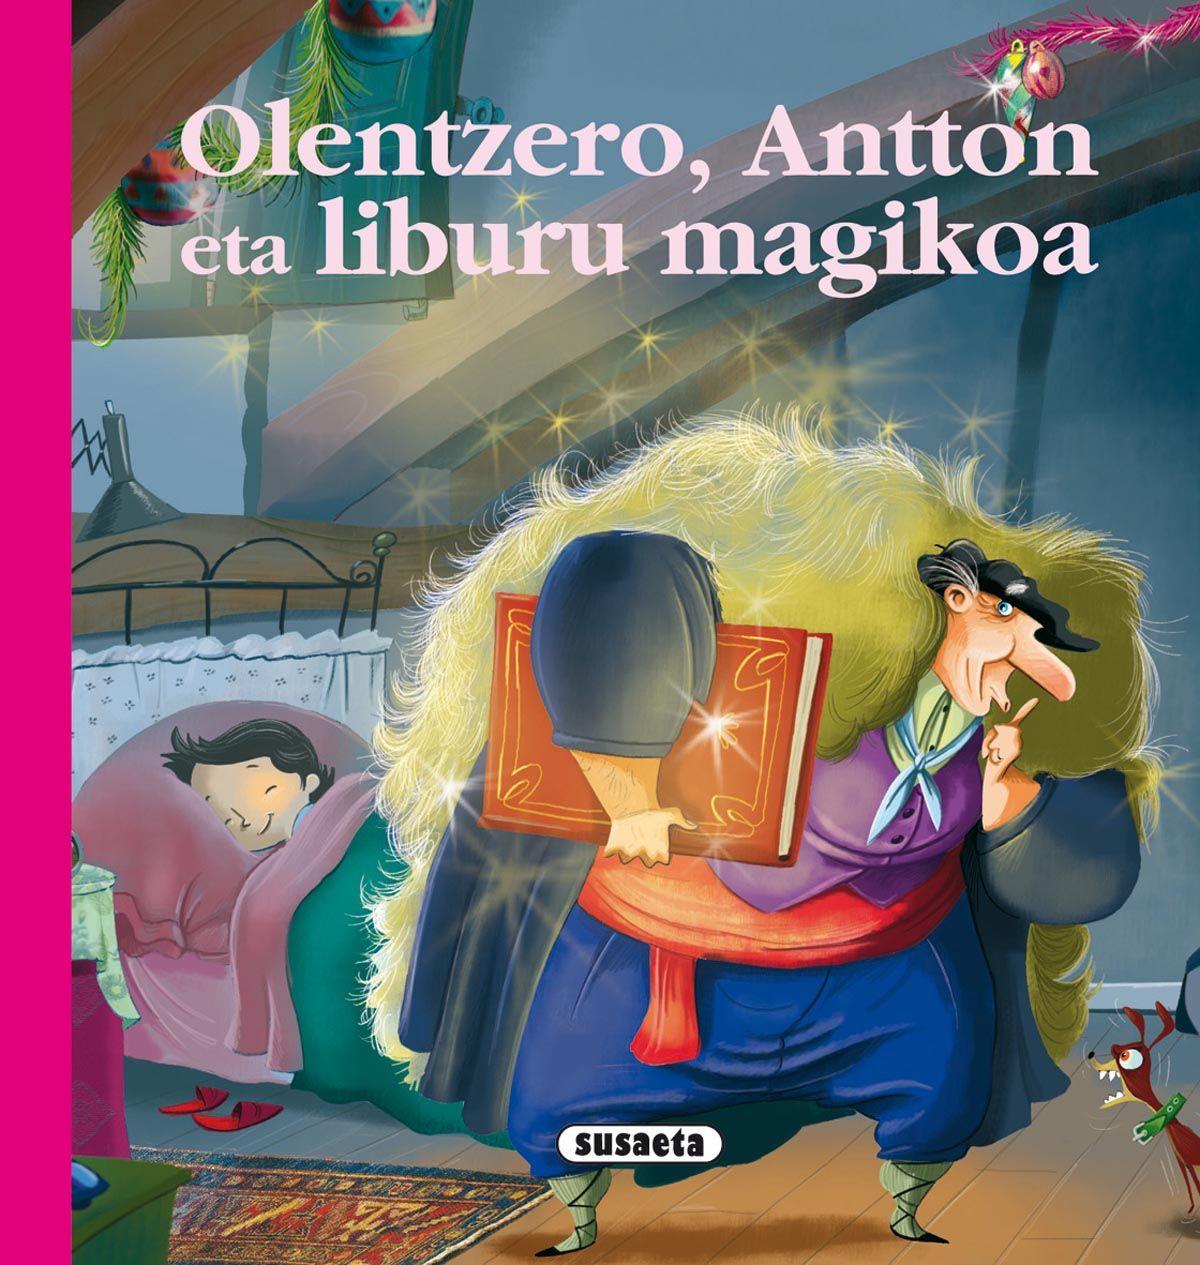 olentzero antton eta liburu magikoa - Buscar con Google